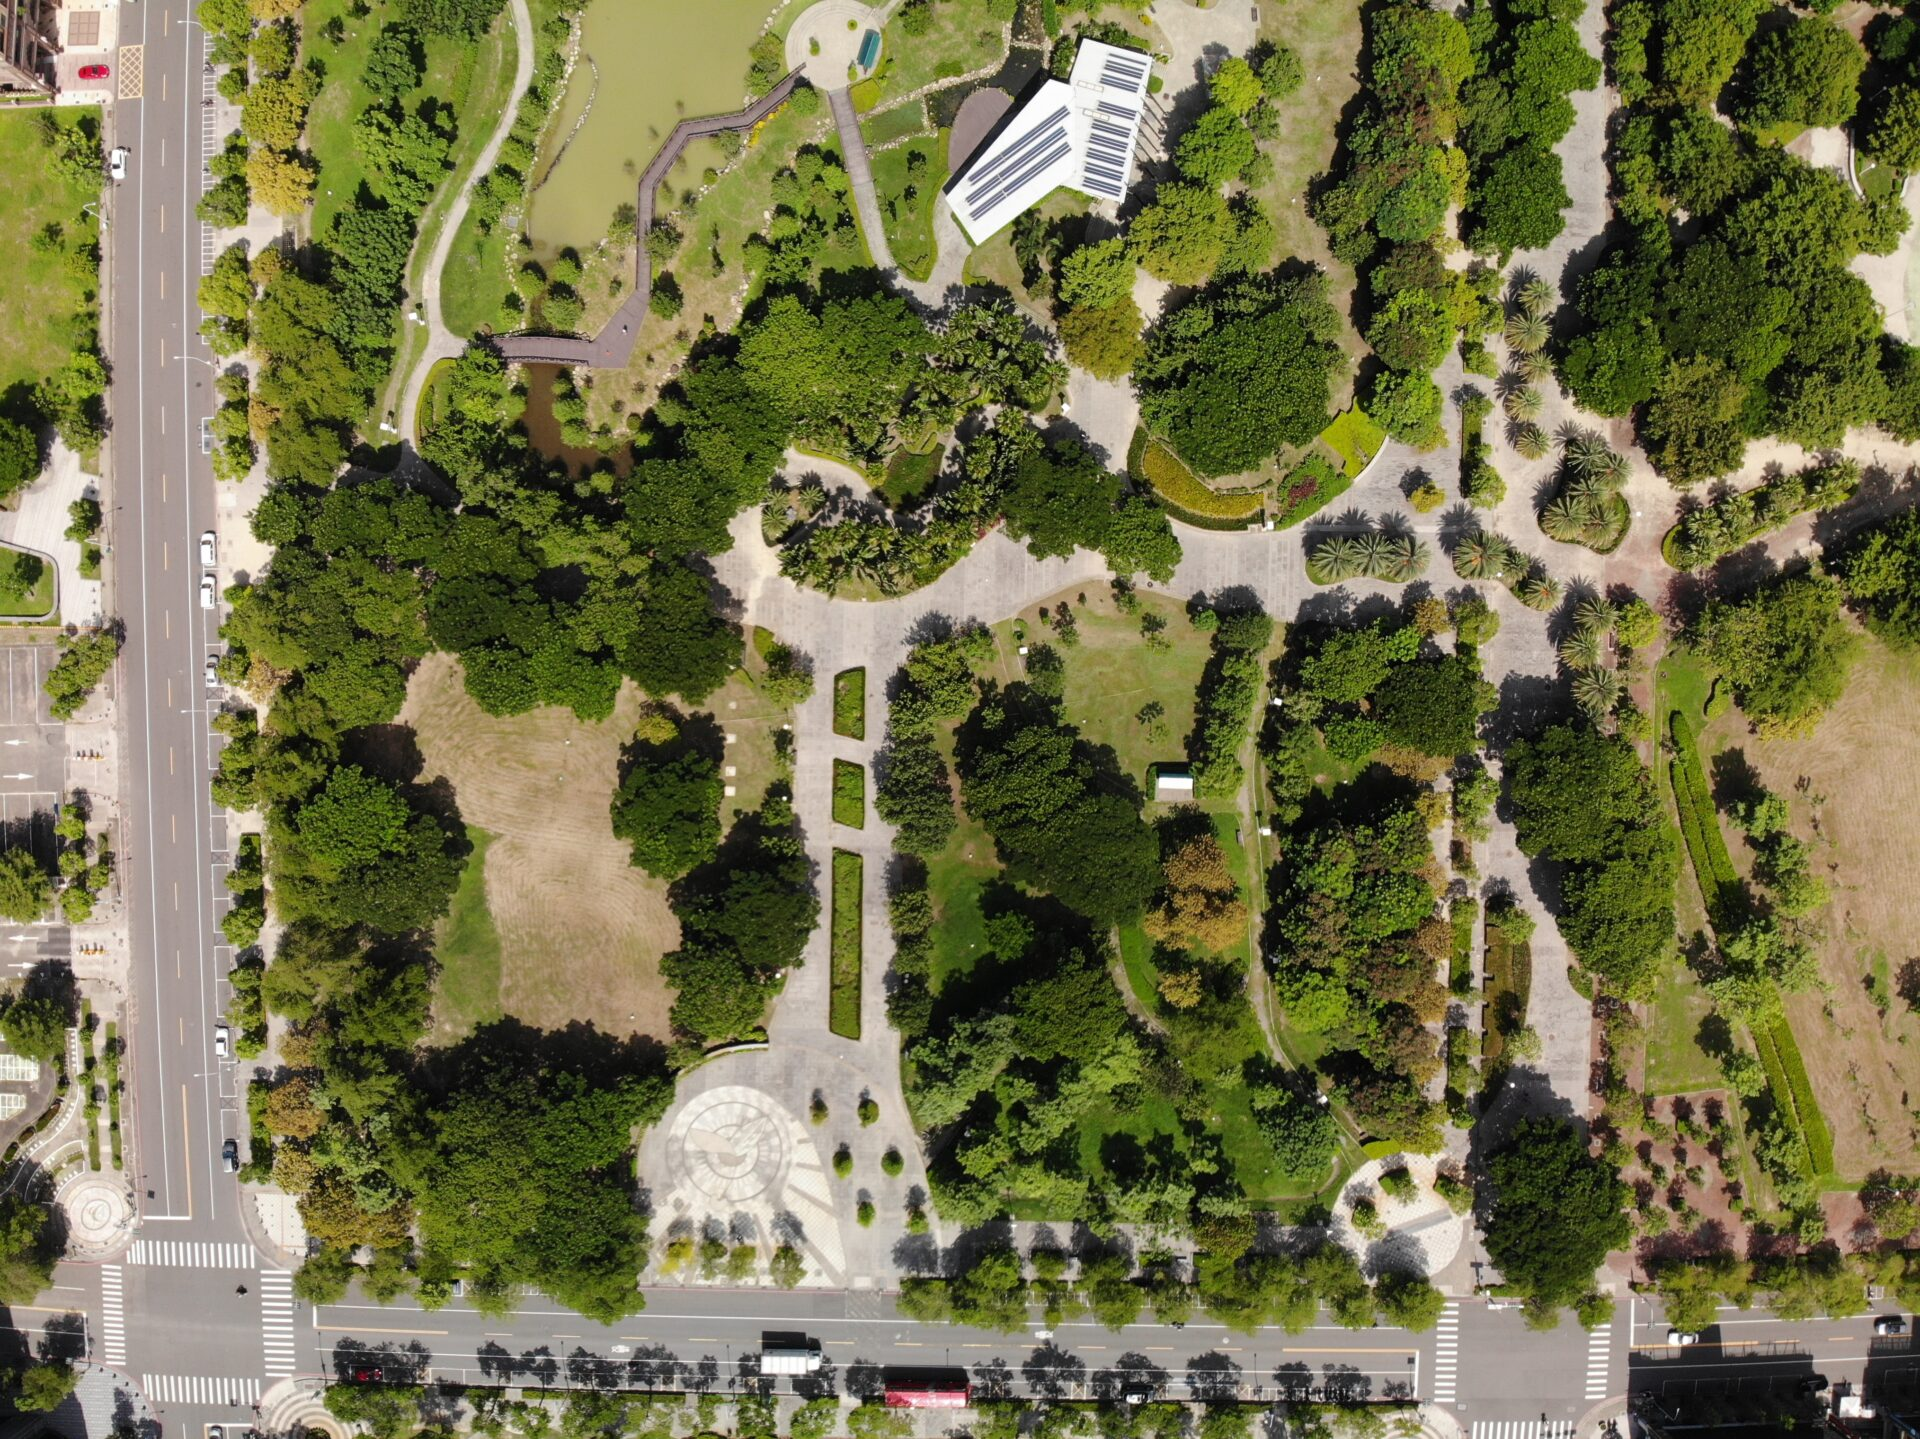 Aozihdi Forest Park